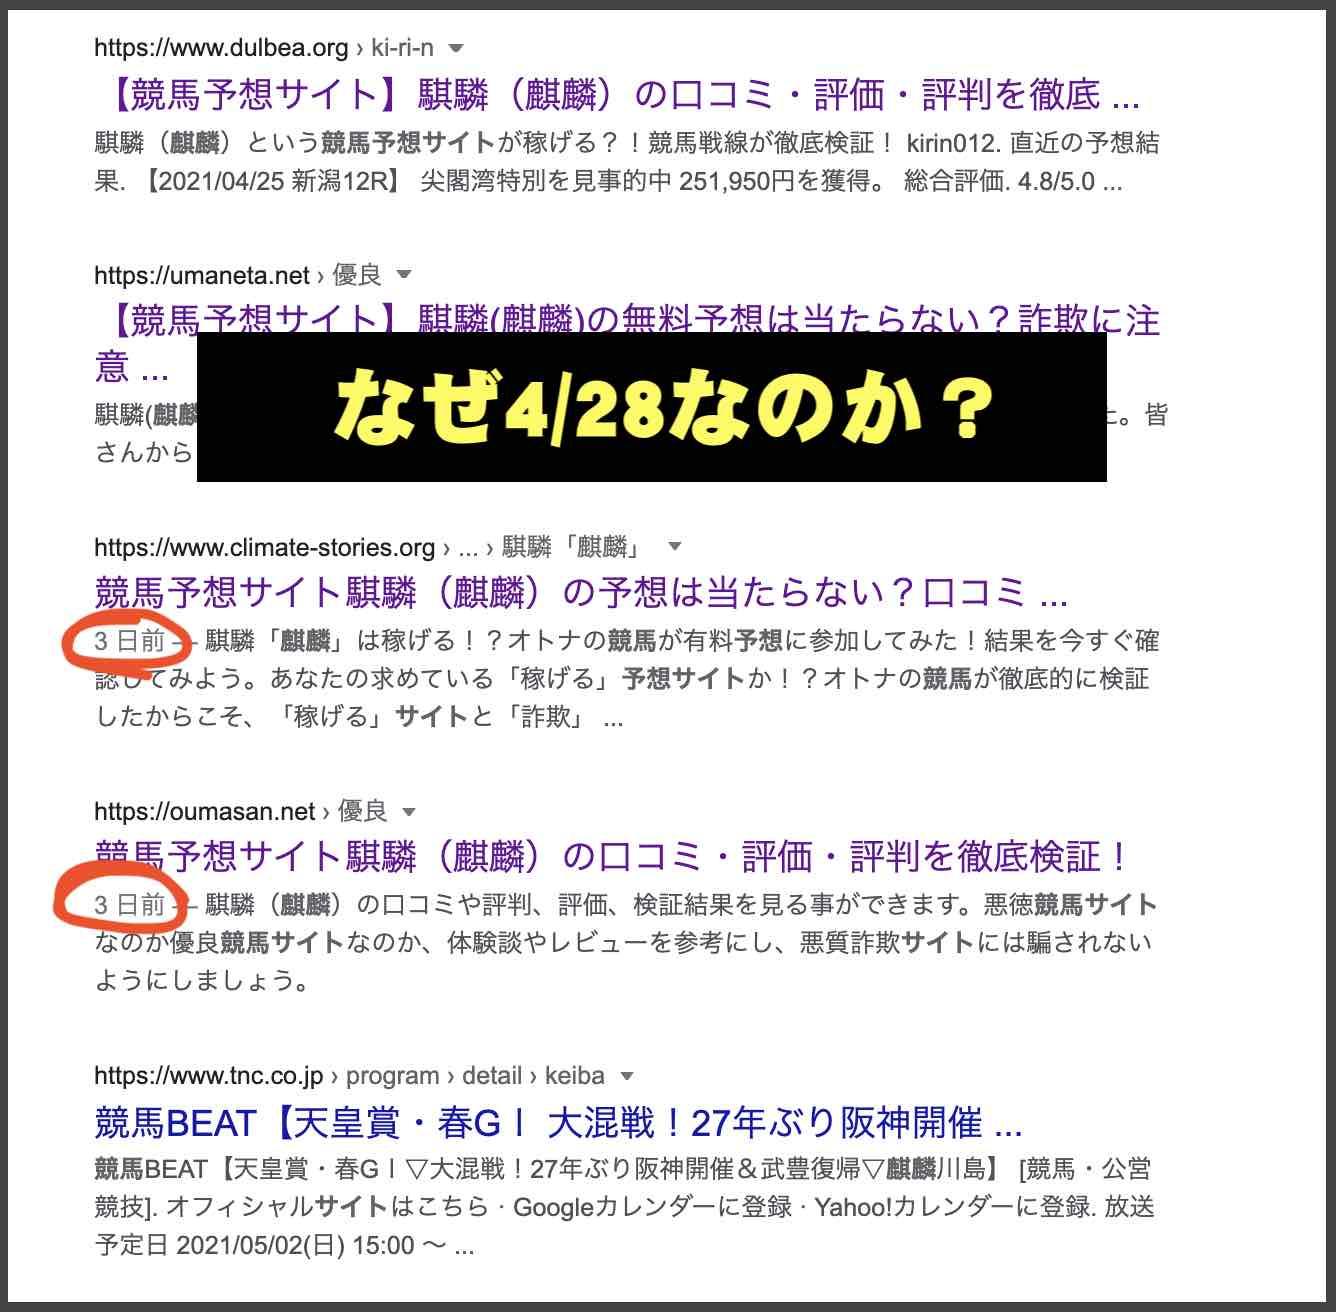 麒麟という競馬予想サイトは4/28に公開された?